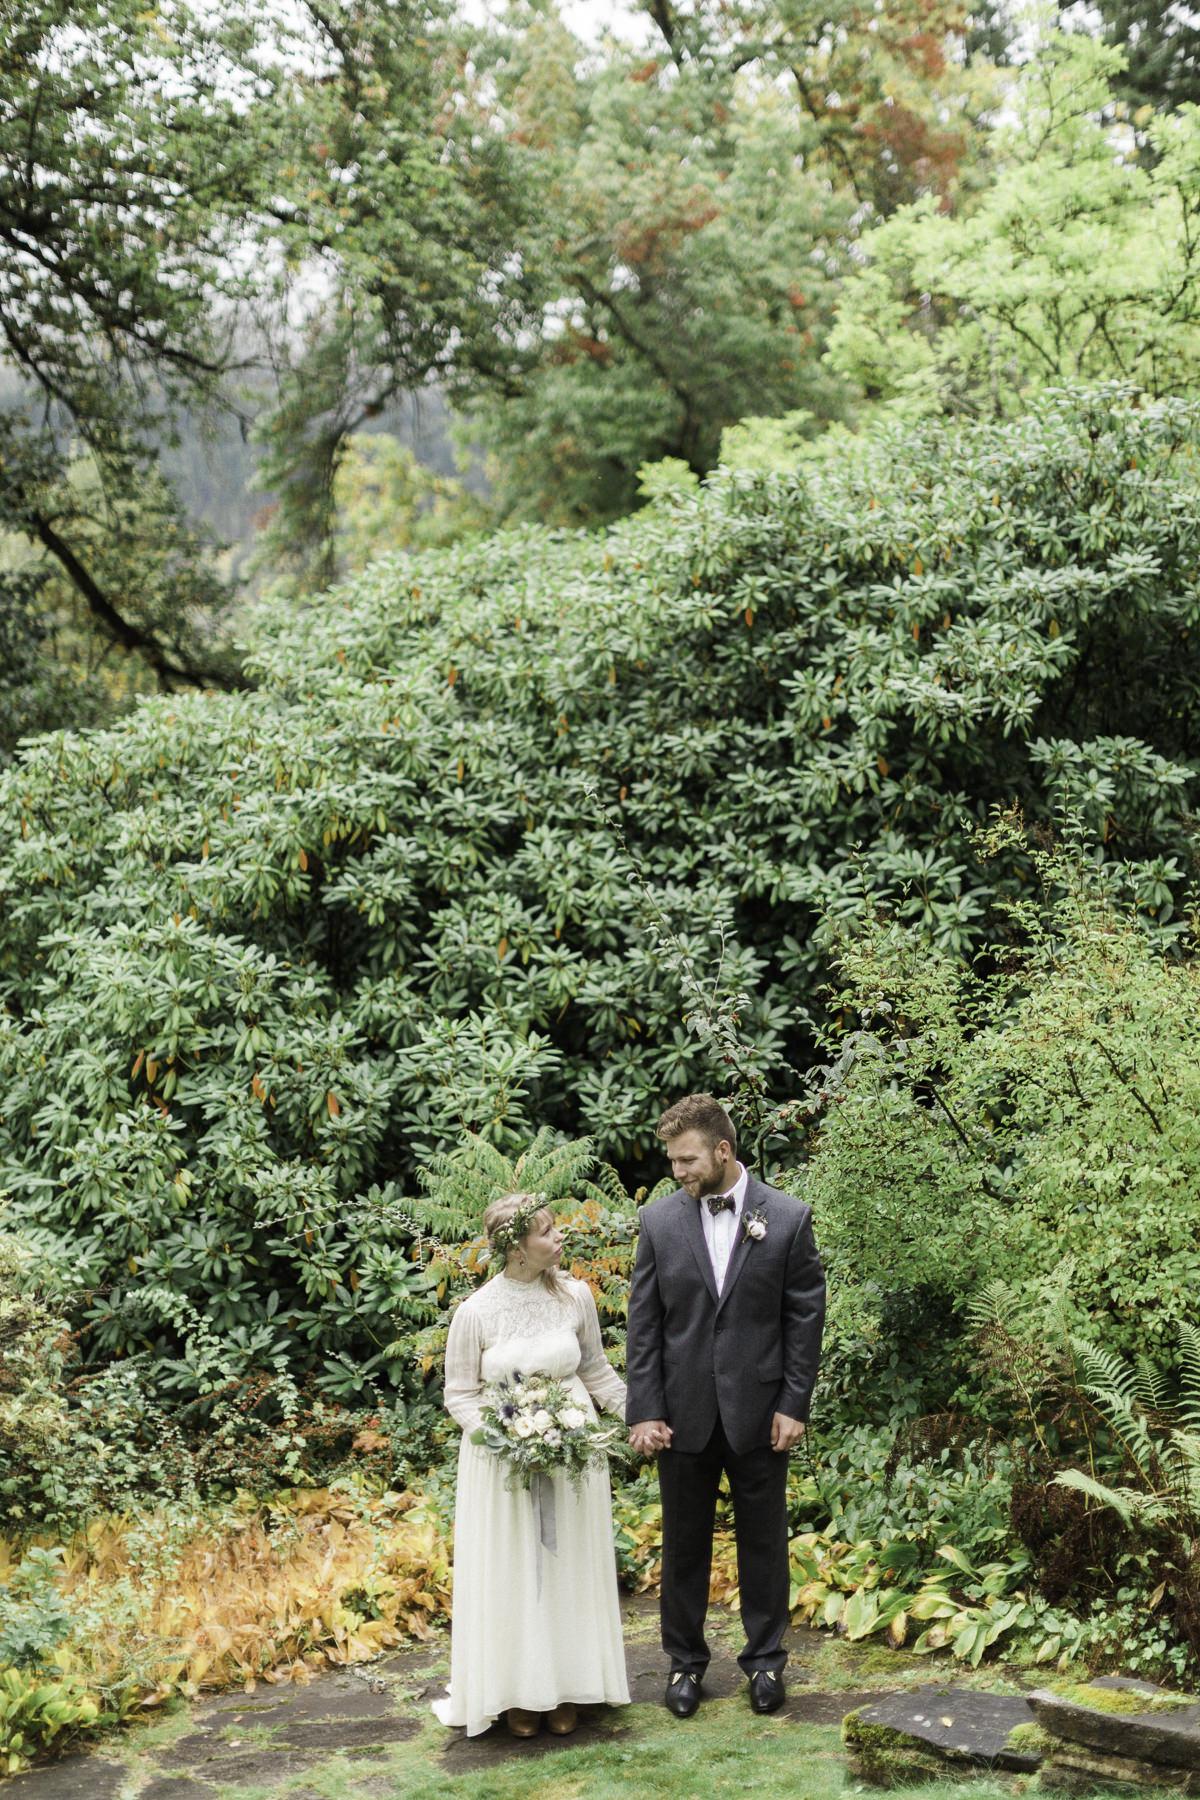 Matt-and-Chelsey-Nelson-wedding-1-3.jpg